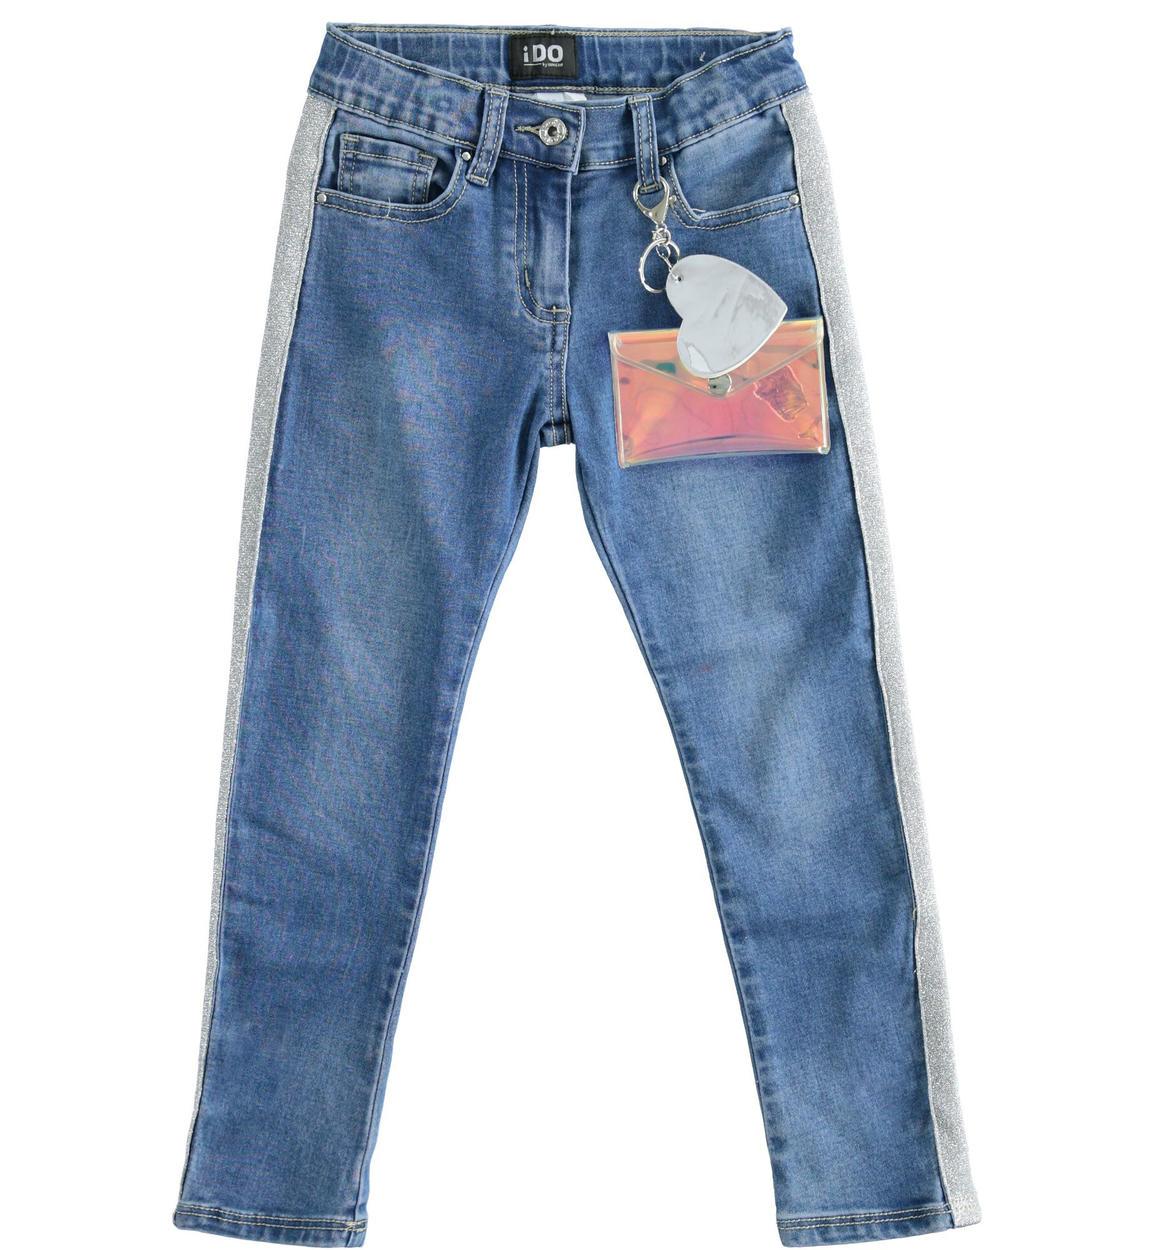 pantalone in denim di cotone stretch per stone washed chiaro retro 02 2564j52900 7400